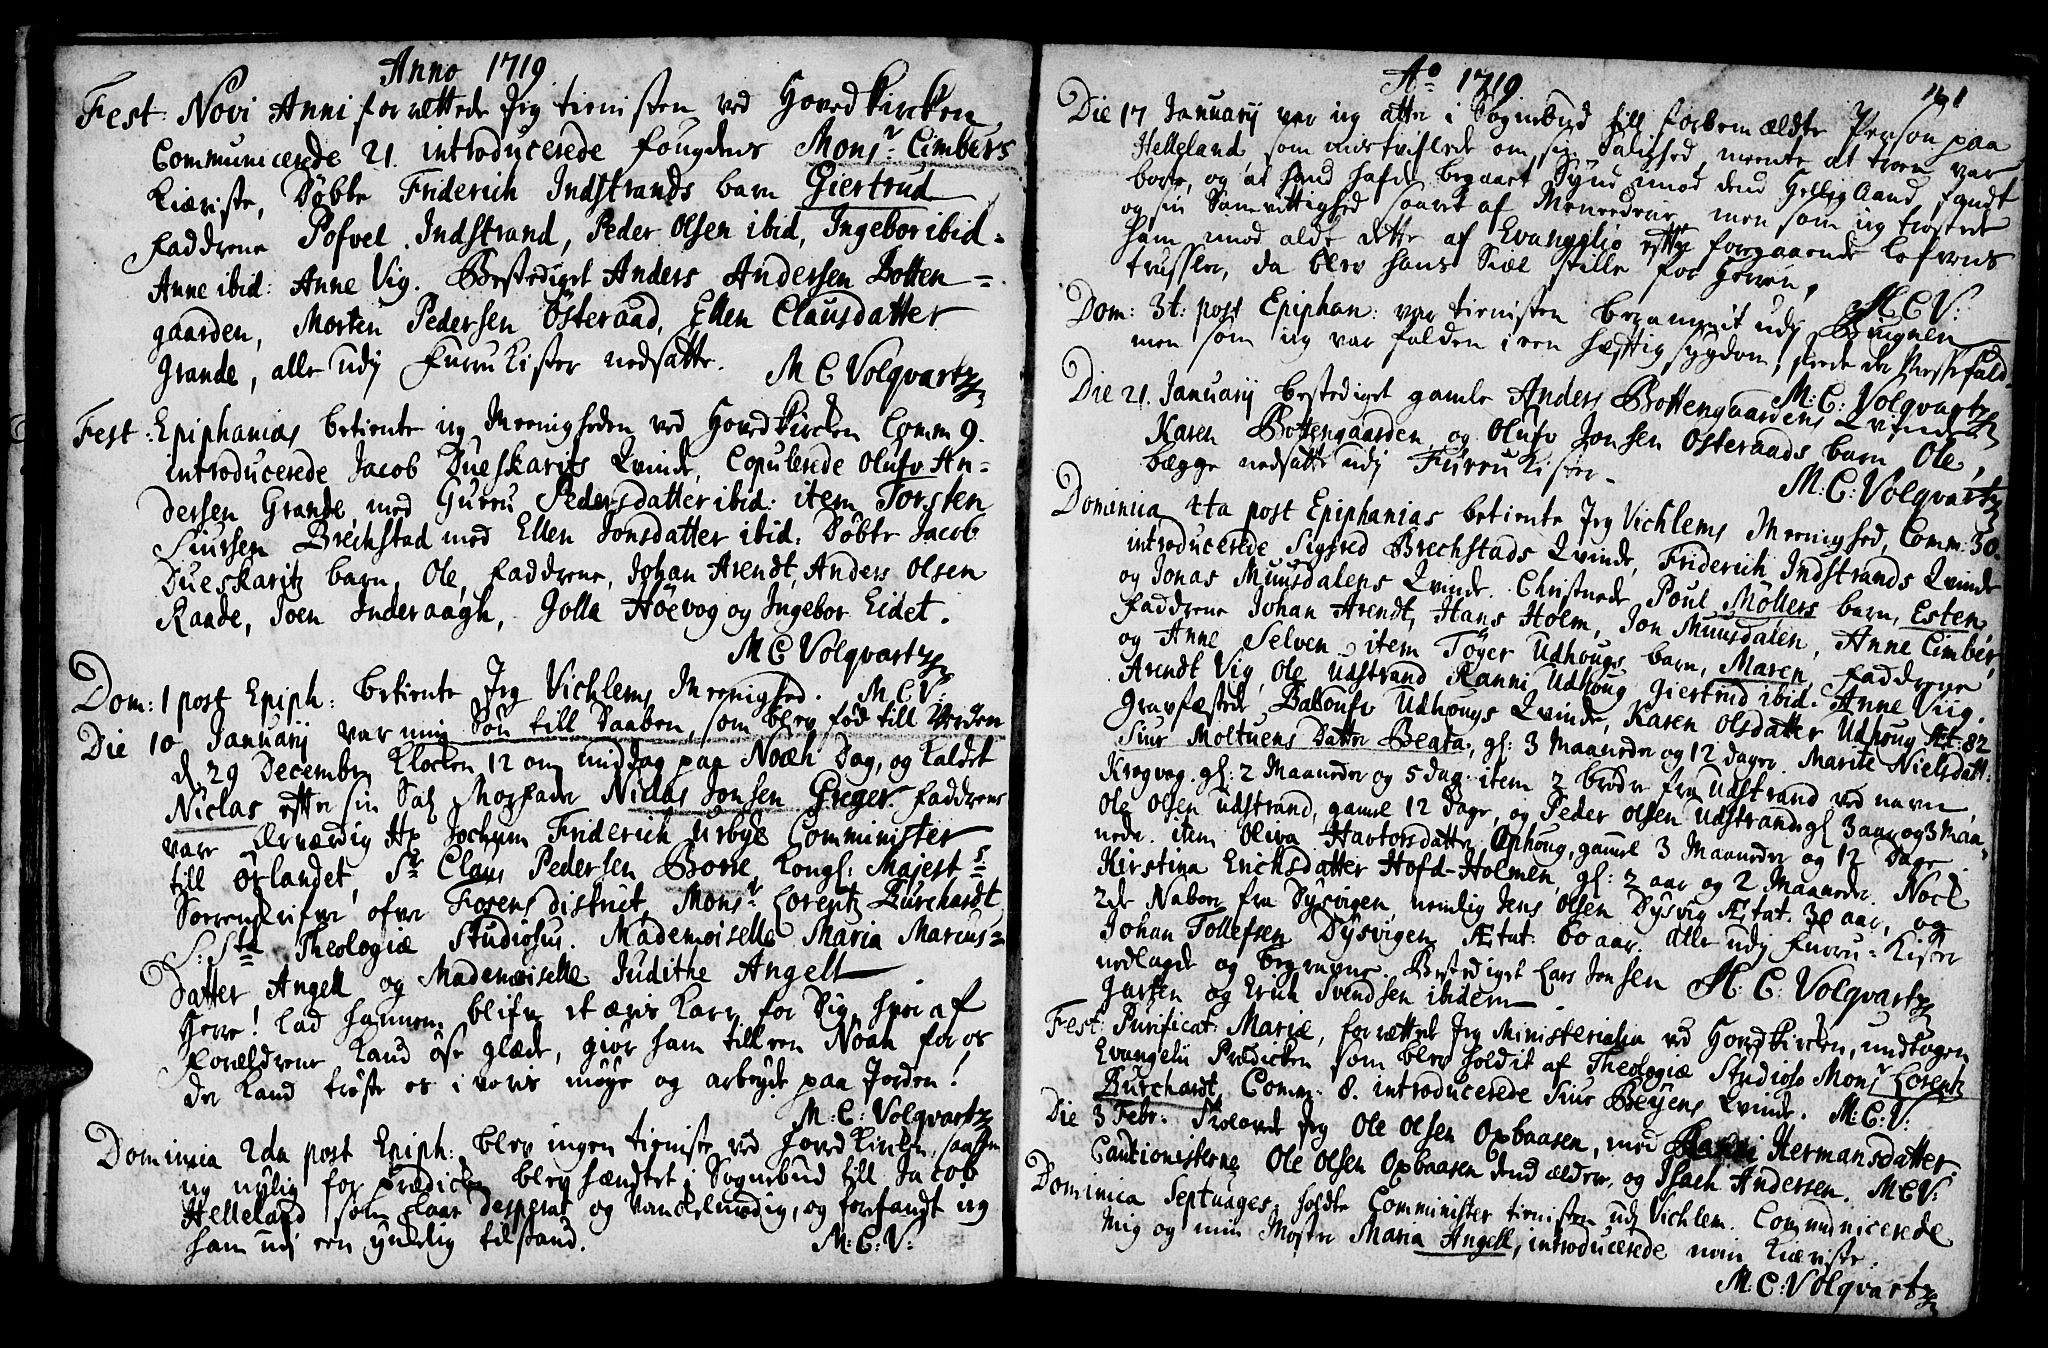 SAT, Ministerialprotokoller, klokkerbøker og fødselsregistre - Sør-Trøndelag, 659/L0731: Ministerialbok nr. 659A01, 1709-1731, s. 160-161